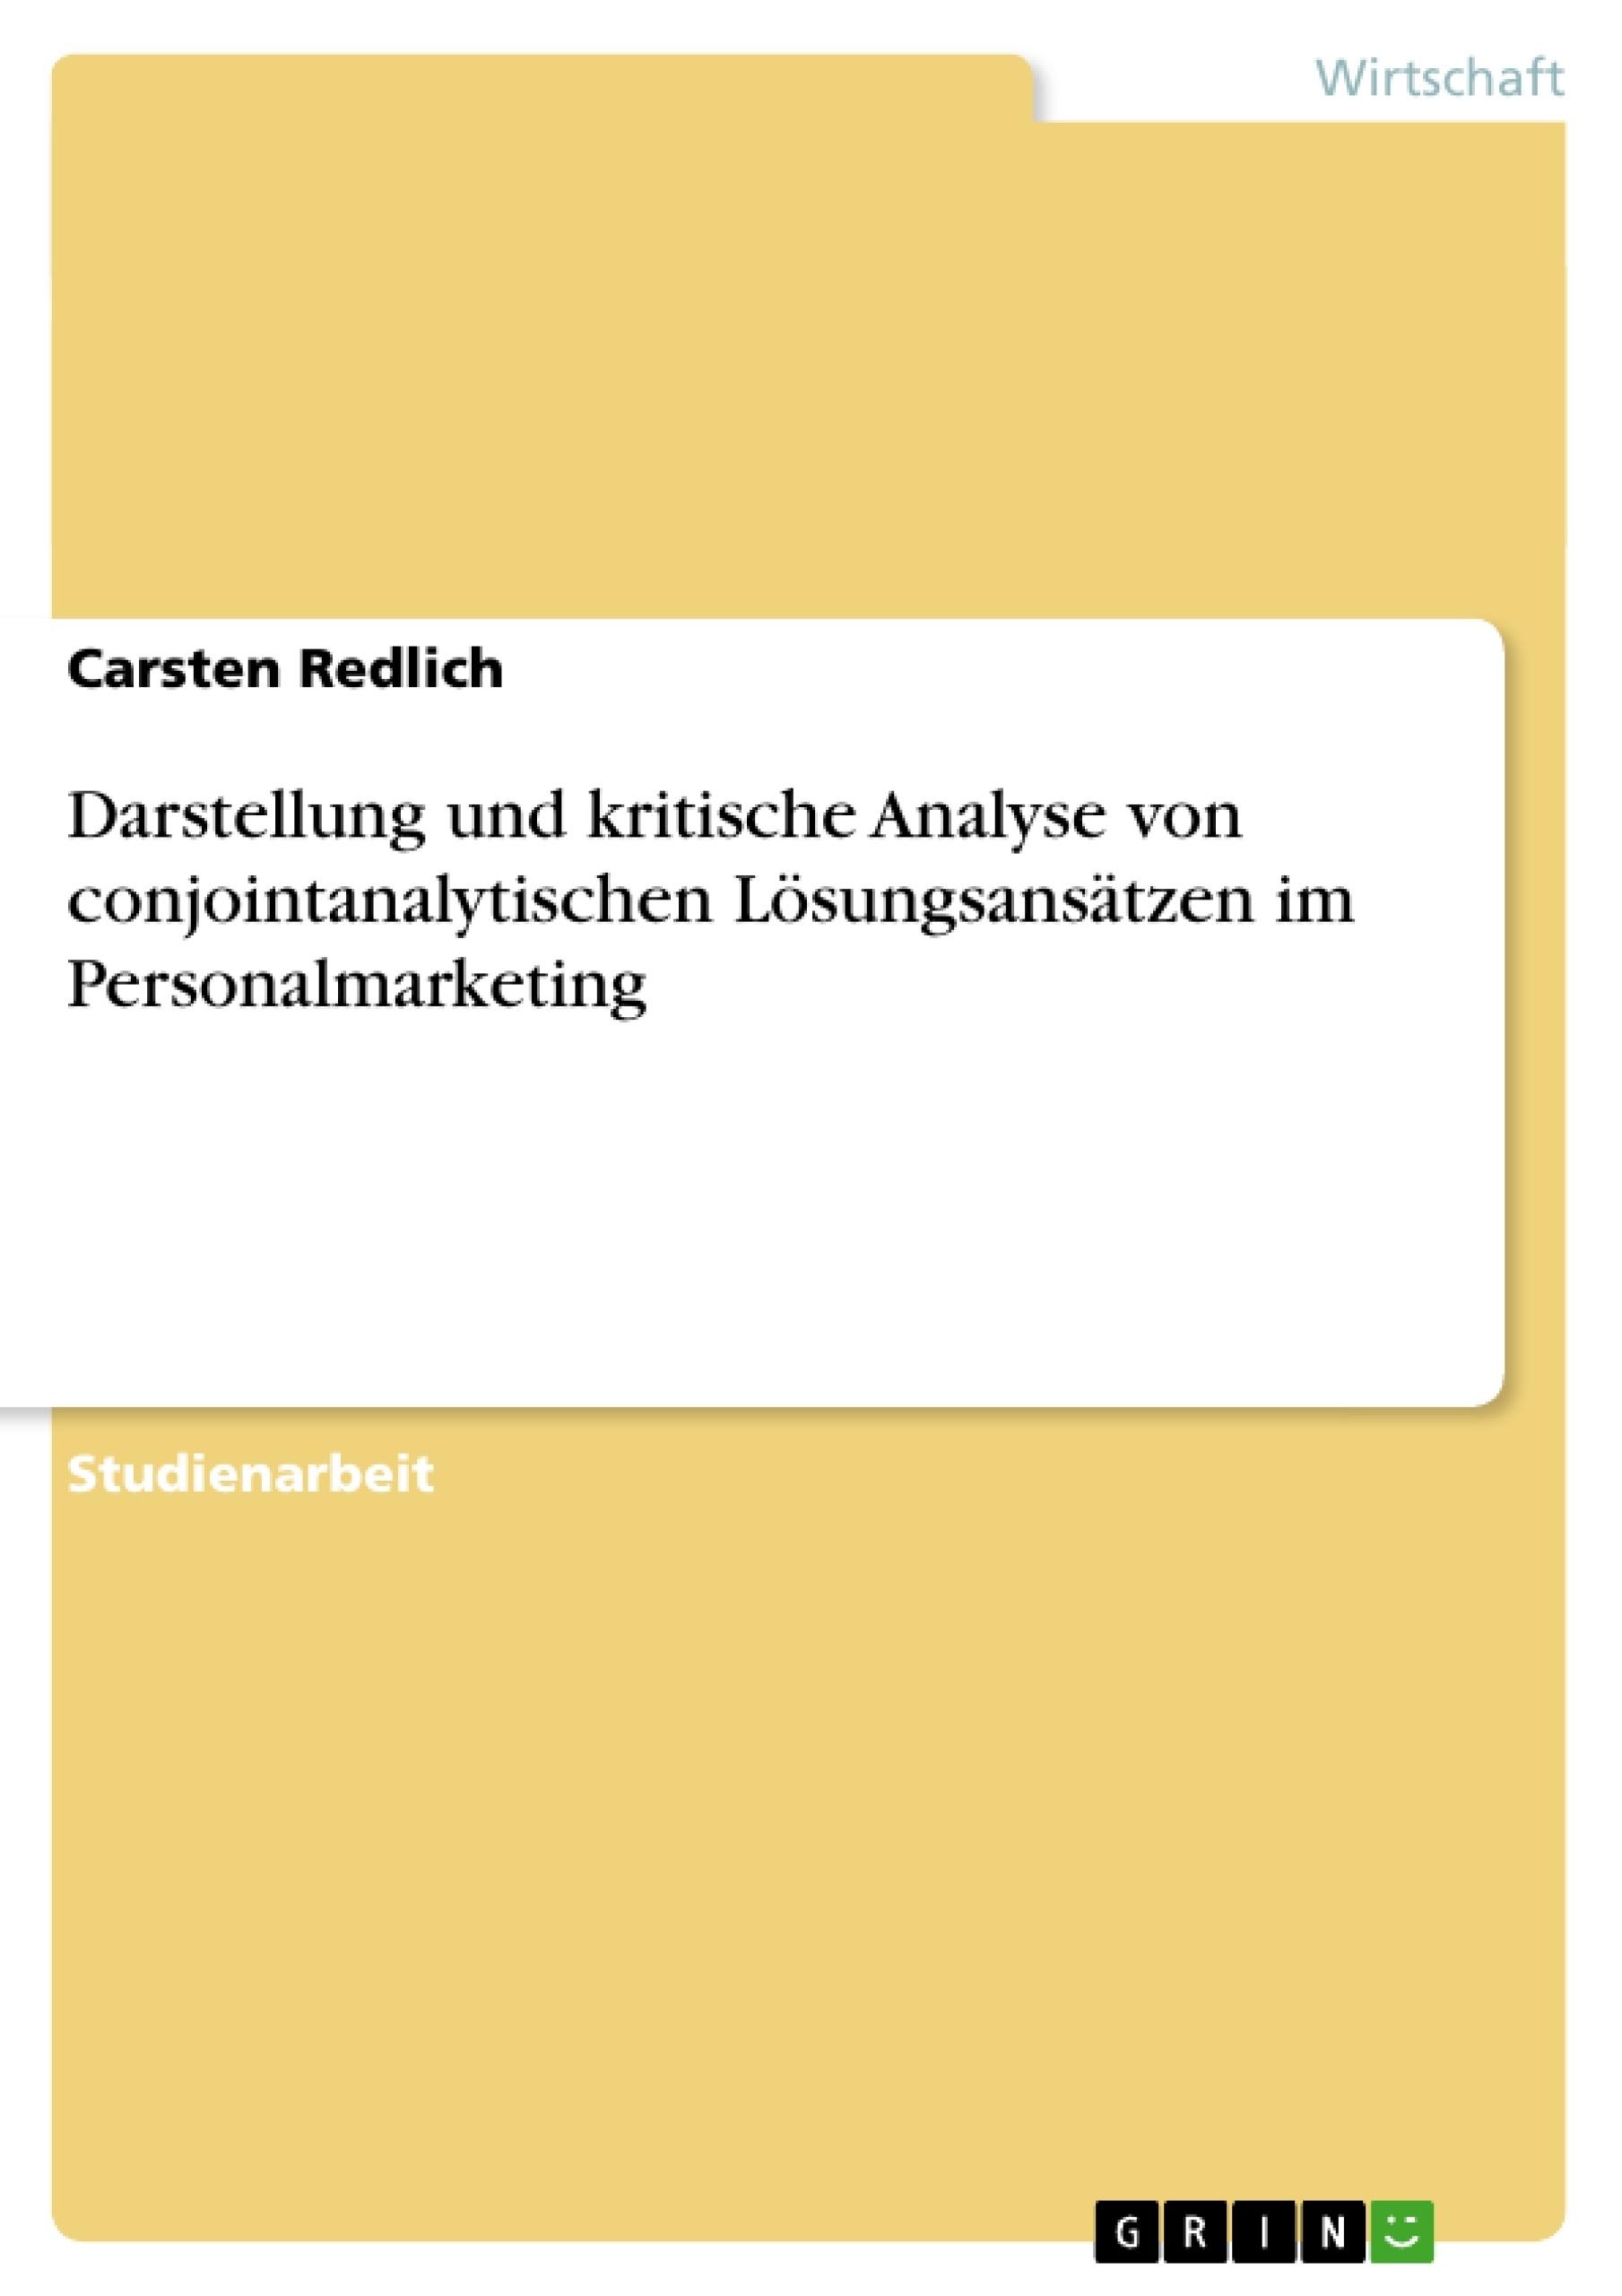 Titel: Darstellung und kritische Analyse von conjointanalytischen Lösungsansätzen im Personalmarketing